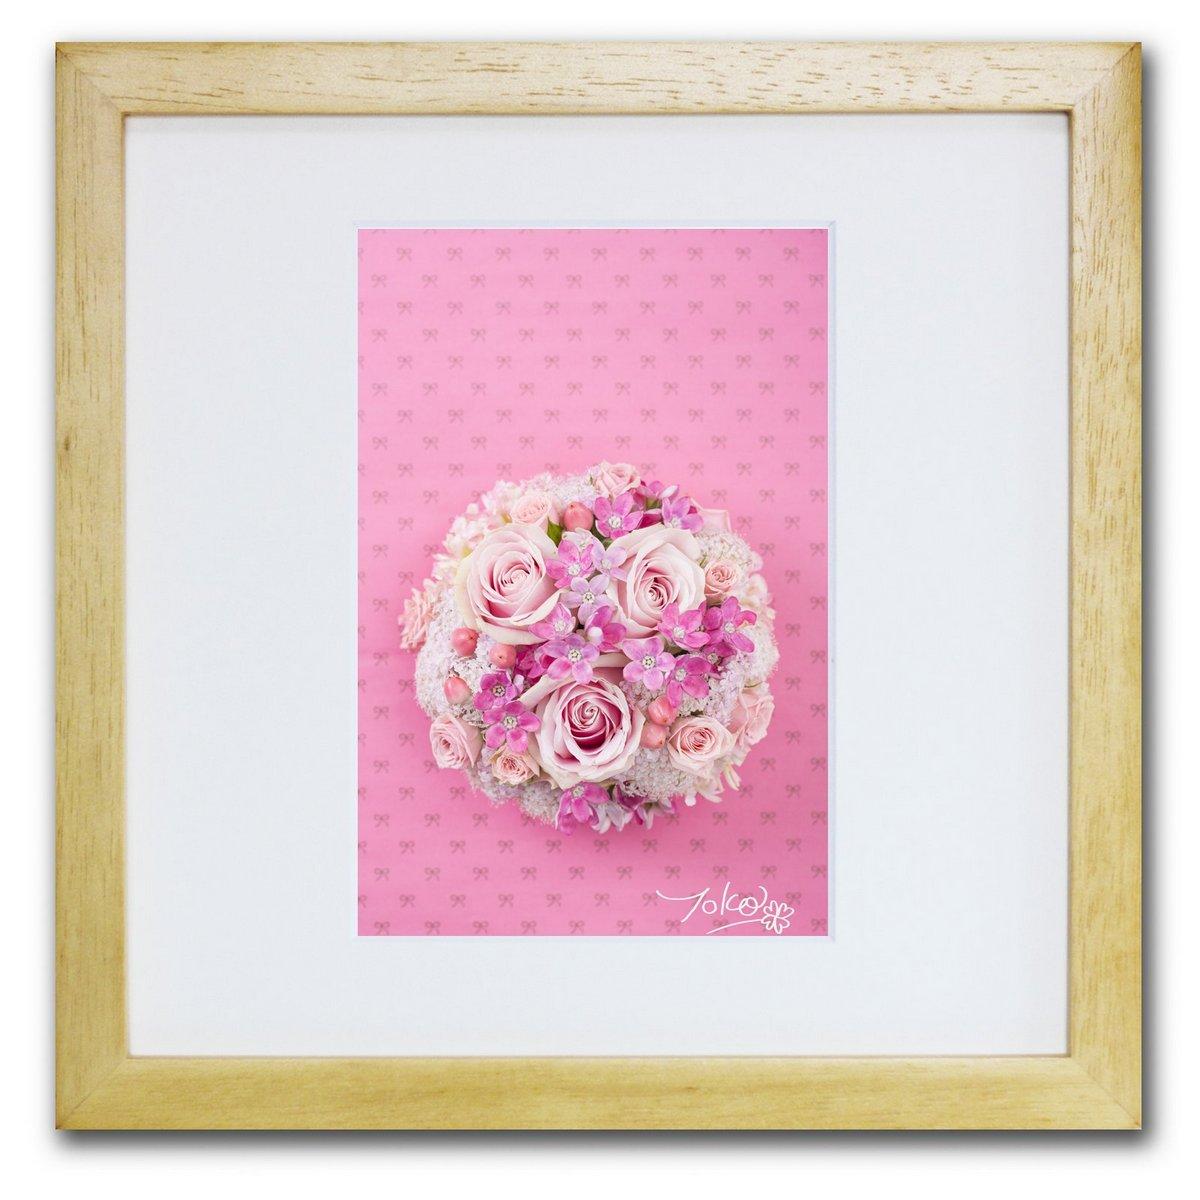 《ジクレー版画》Good fortune_love(ラブ)〔竹内陽子〕/リビングを華やかに彩るインテリア。絵画のようなフラワーフォト